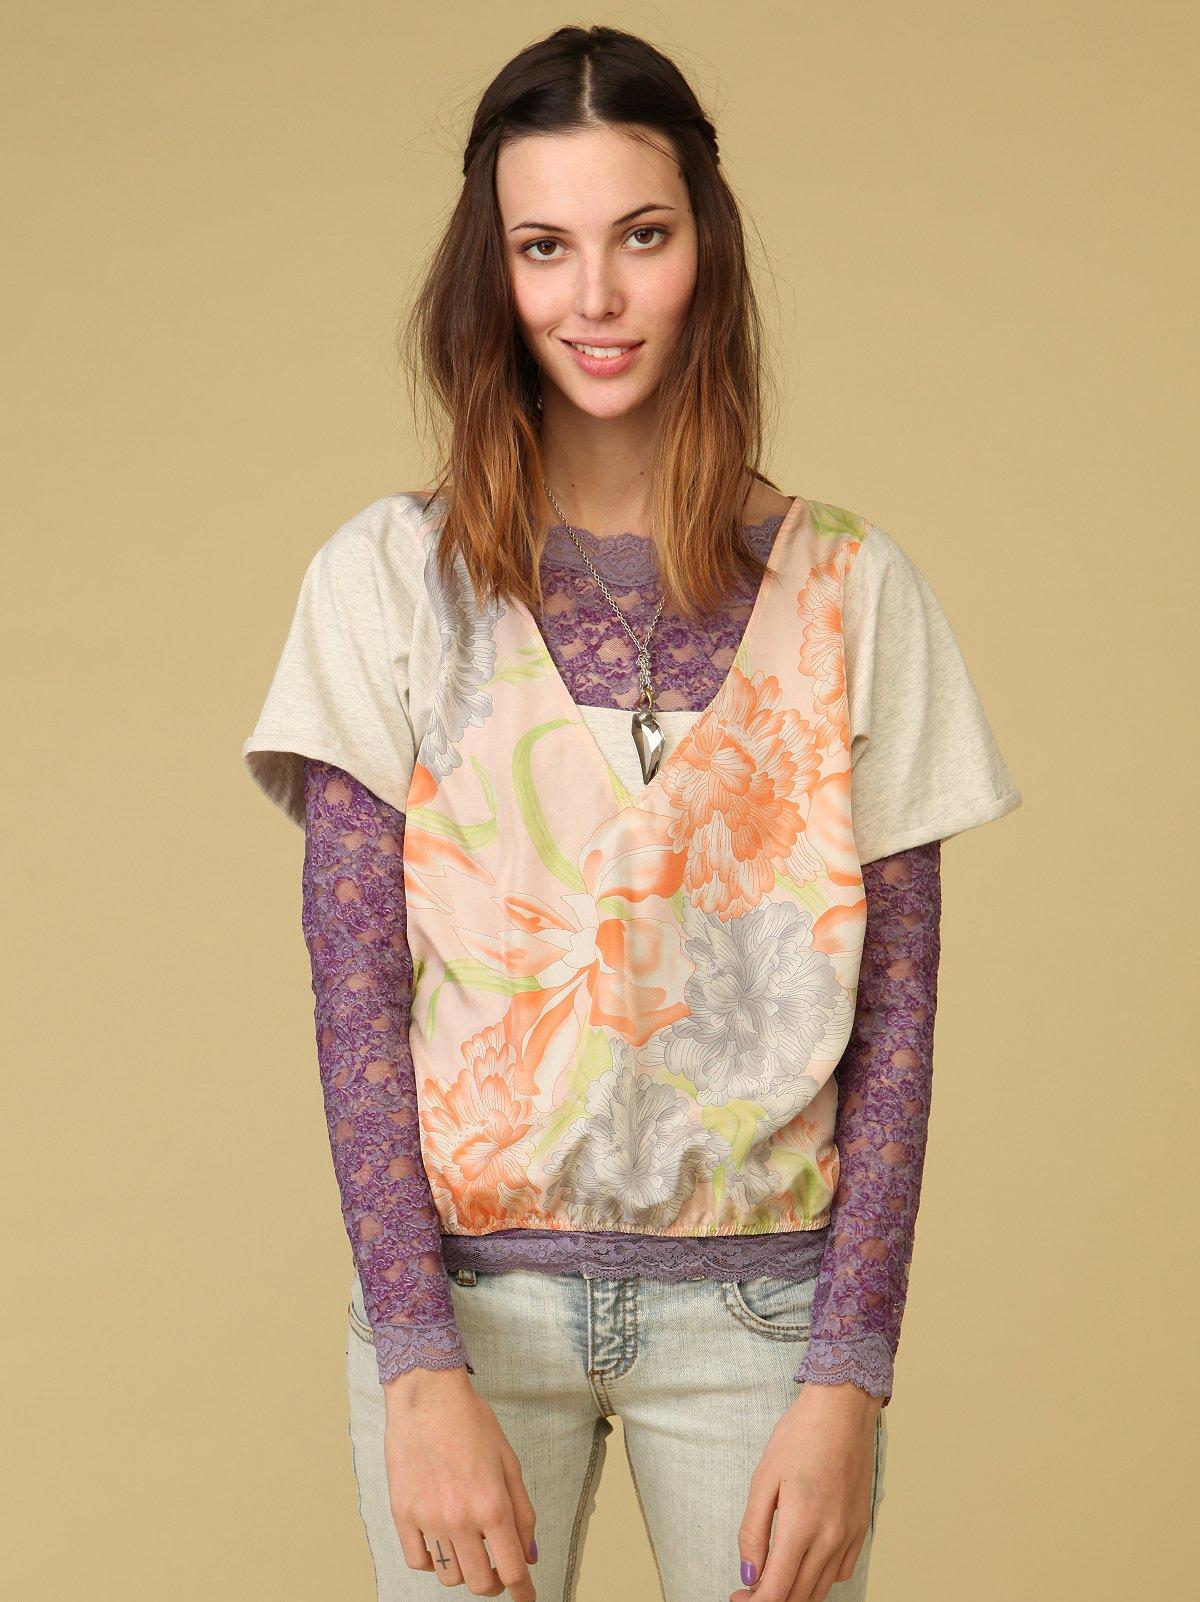 Floral Scarf Print Top